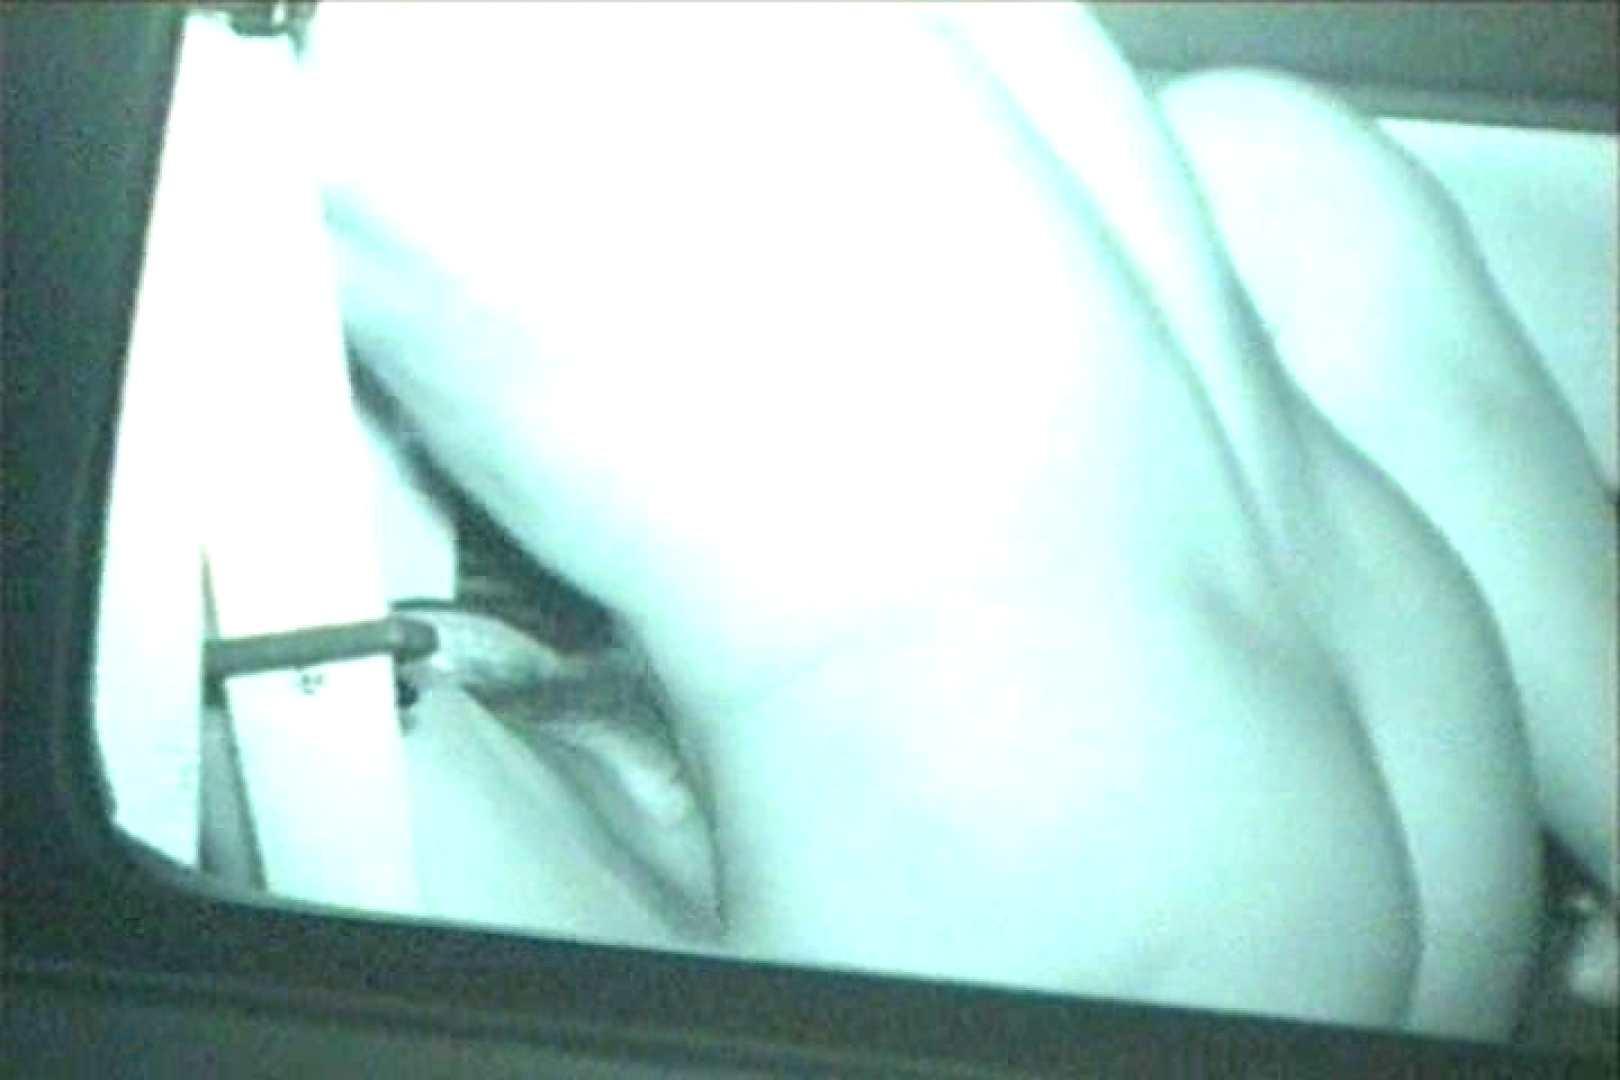 車の中はラブホテル 無修正版  Vol.27 カーセックス 盗撮動画紹介 105PIX 38